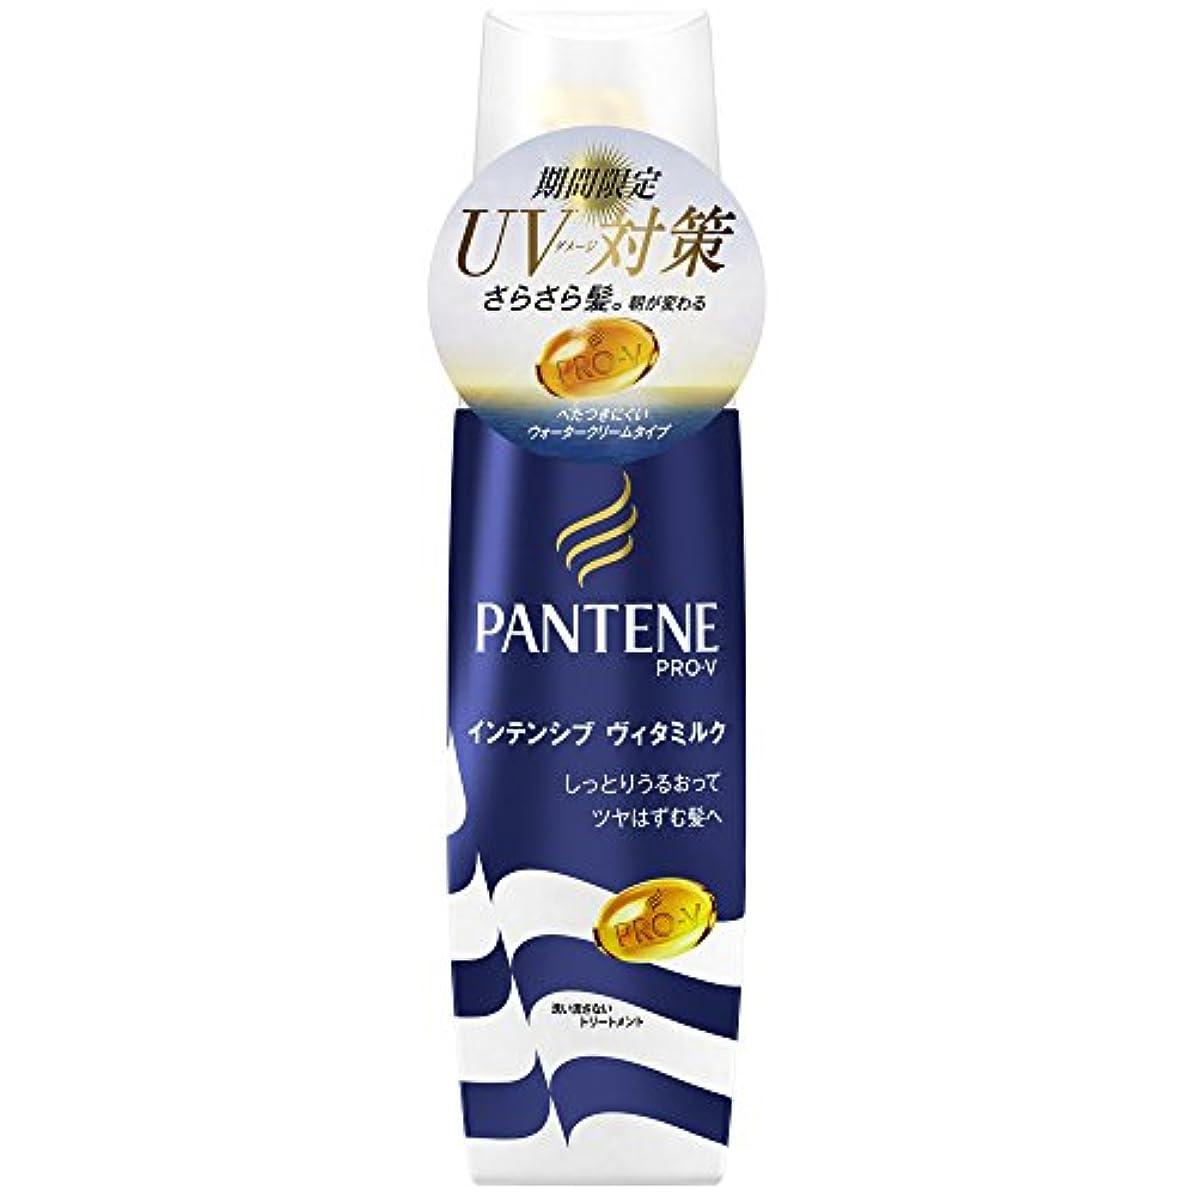 パンテーン 洗い流さないトリートメント インテンシブ ヴィタミルク 100mL 夏限定